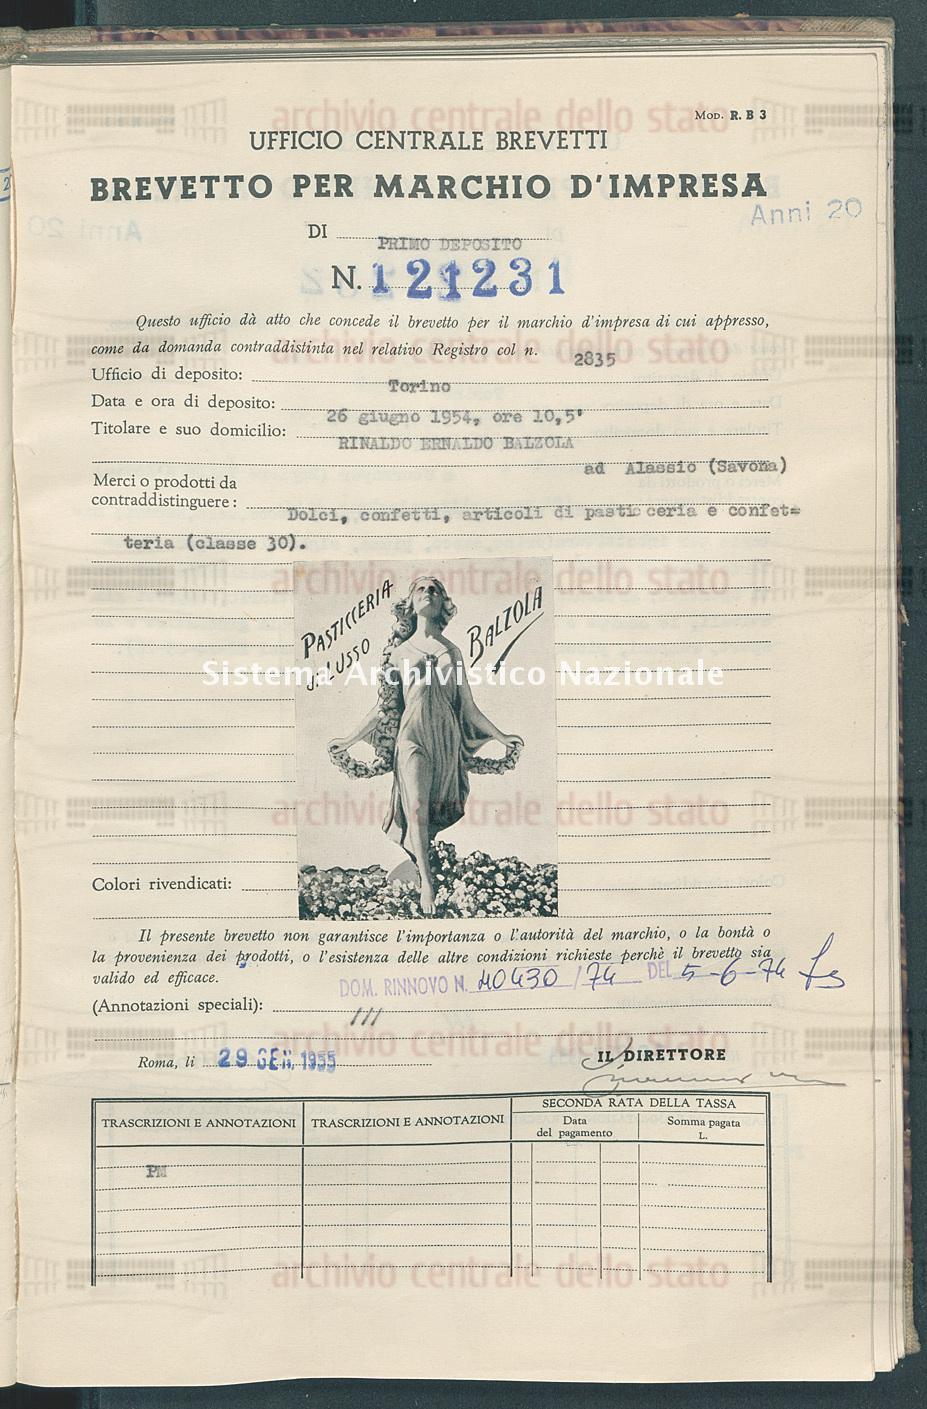 Dolci, confetti, articoli di pasticceria e confetteria Rinaldo Ernaldo Balzola (29/01/1955)